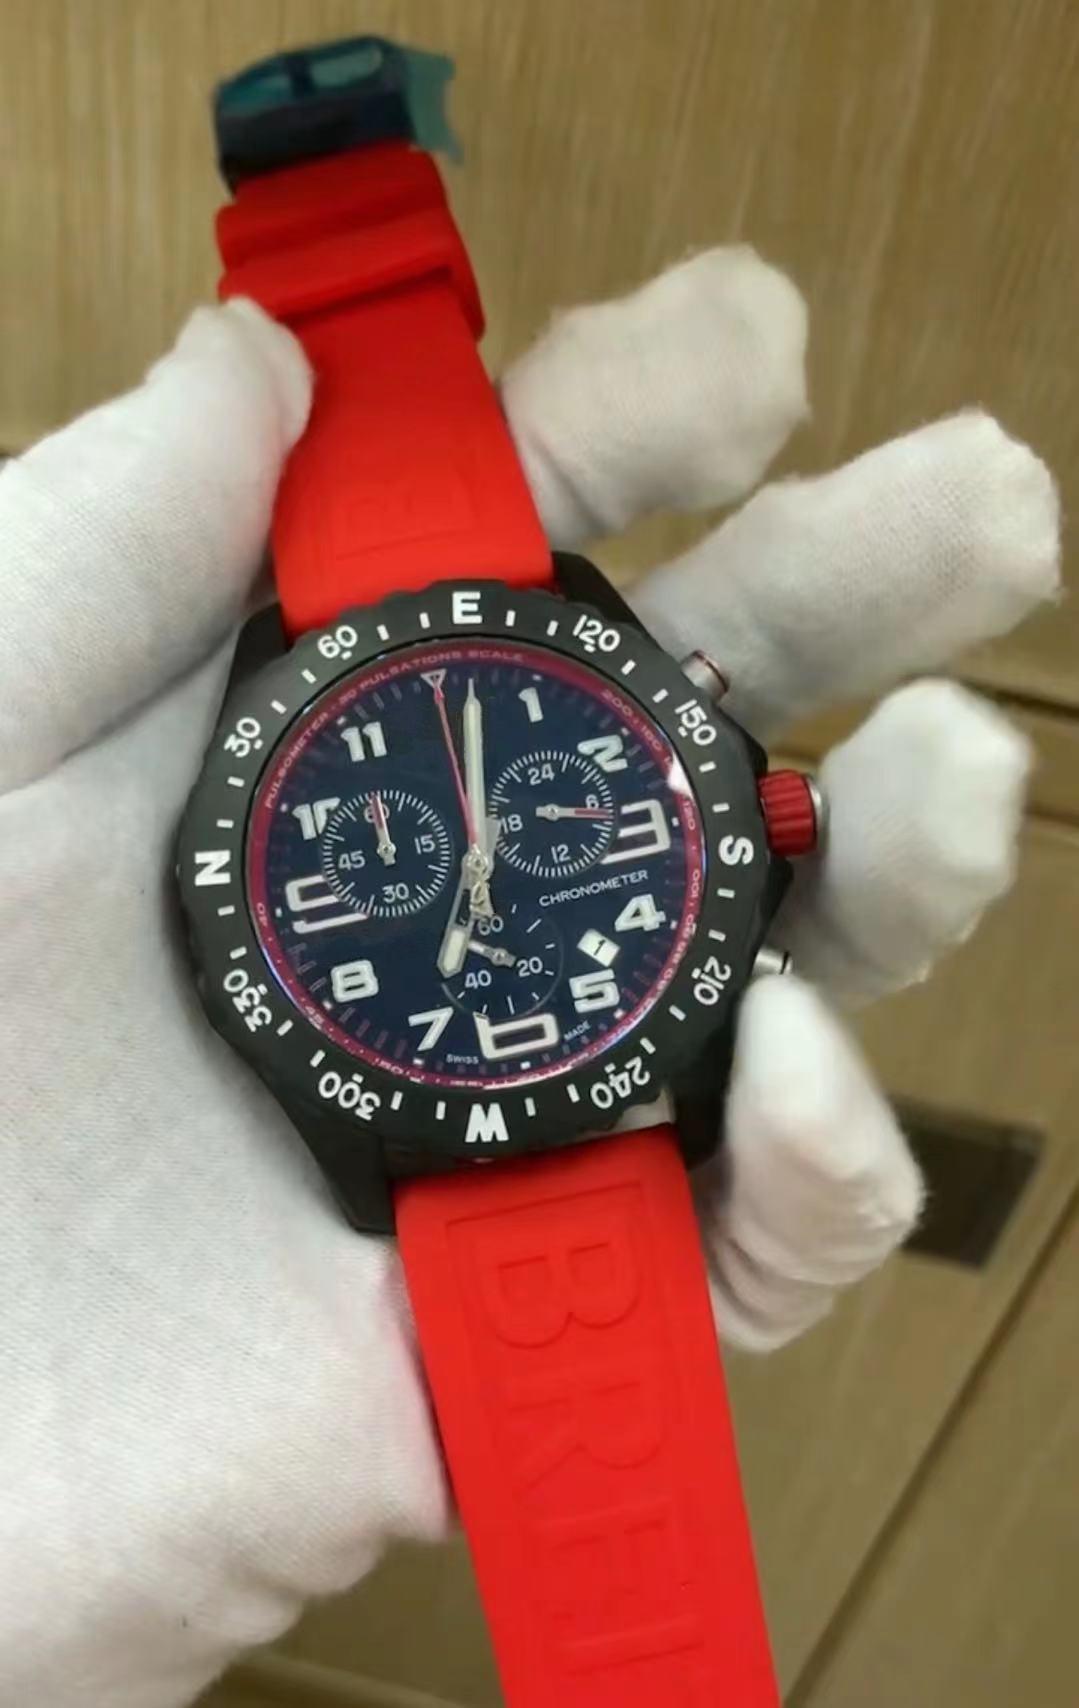 새로운 도착 남성 시계 쿼츠 스톱워치 스테인레스 스틸 시계 블랙 다이얼 남자 크로노 그래프 손목 시계 48mm 고무 스트랩 266